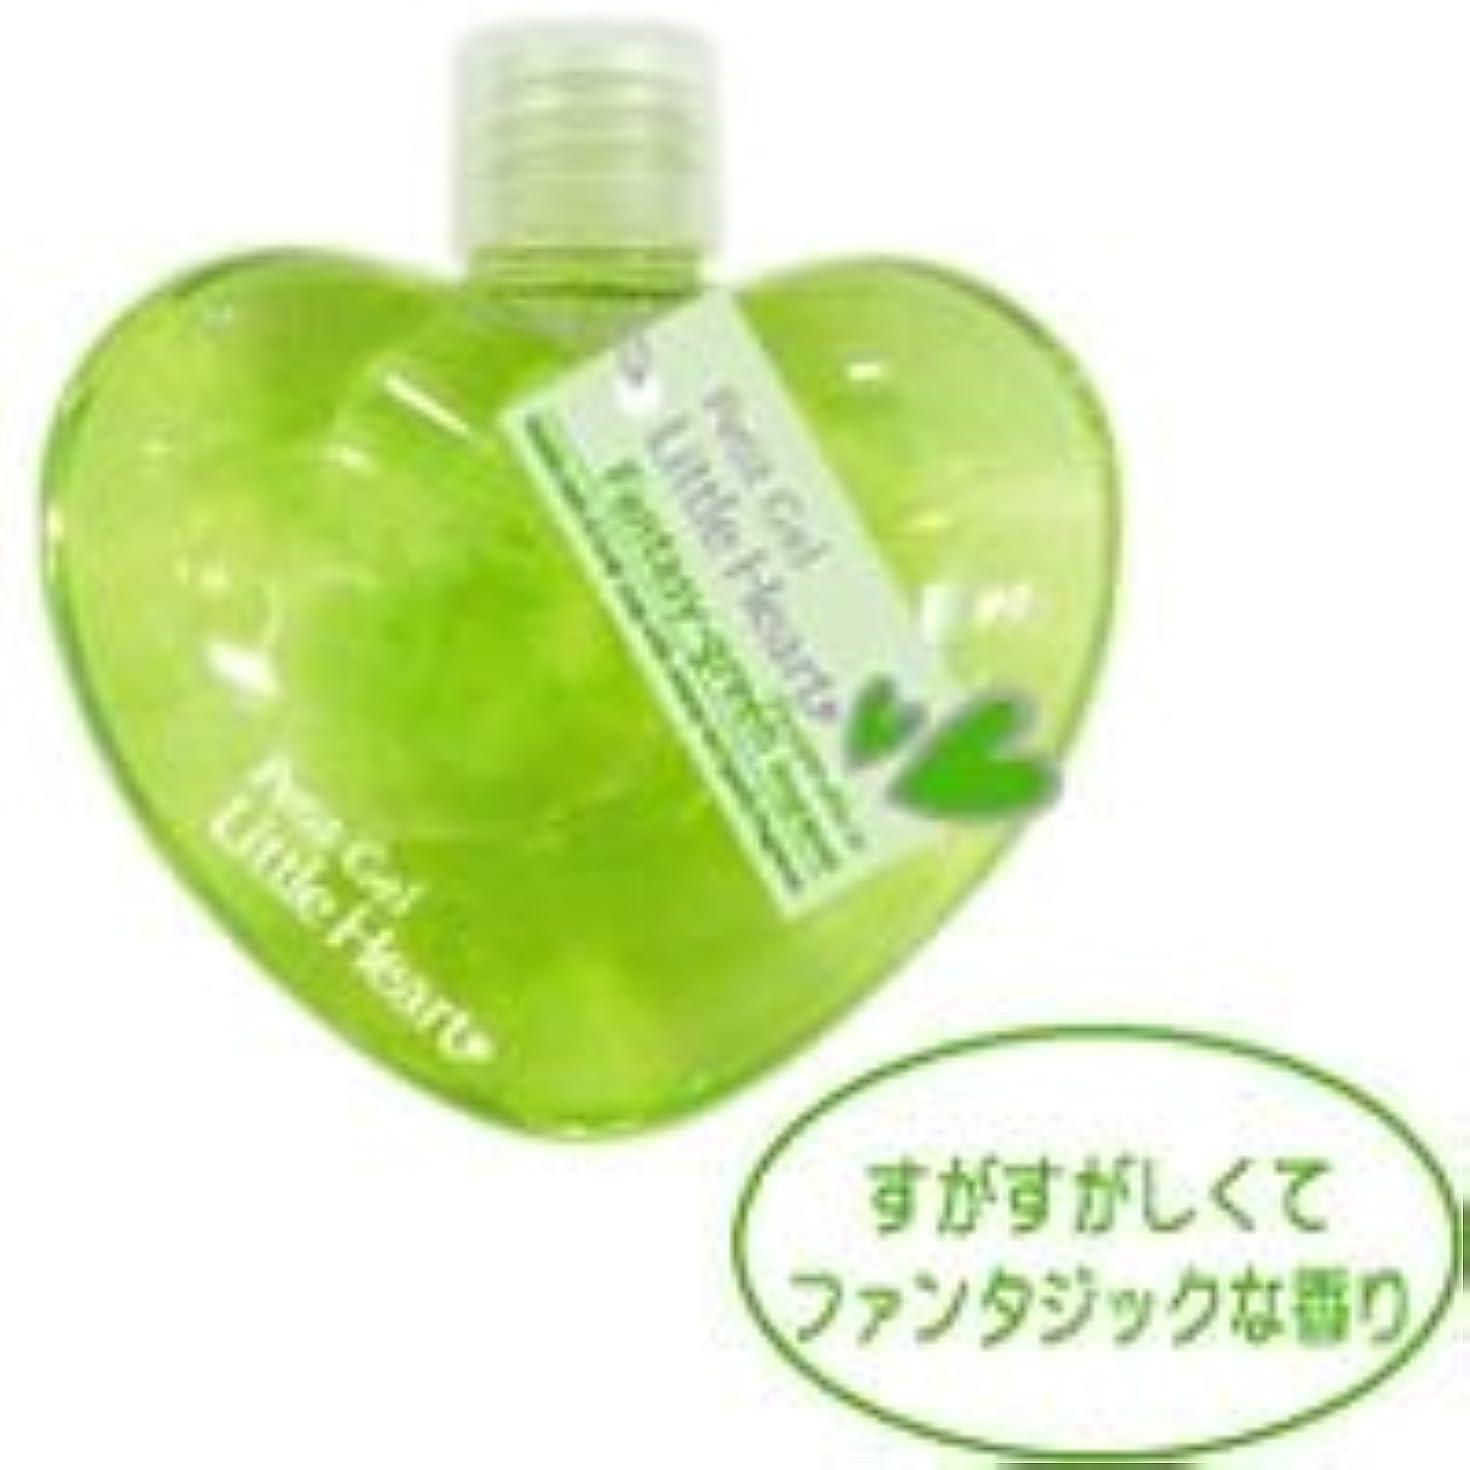 香りミリメートルアブストラクトプリティッシュハンドソープ「ラベンダー」6個セット